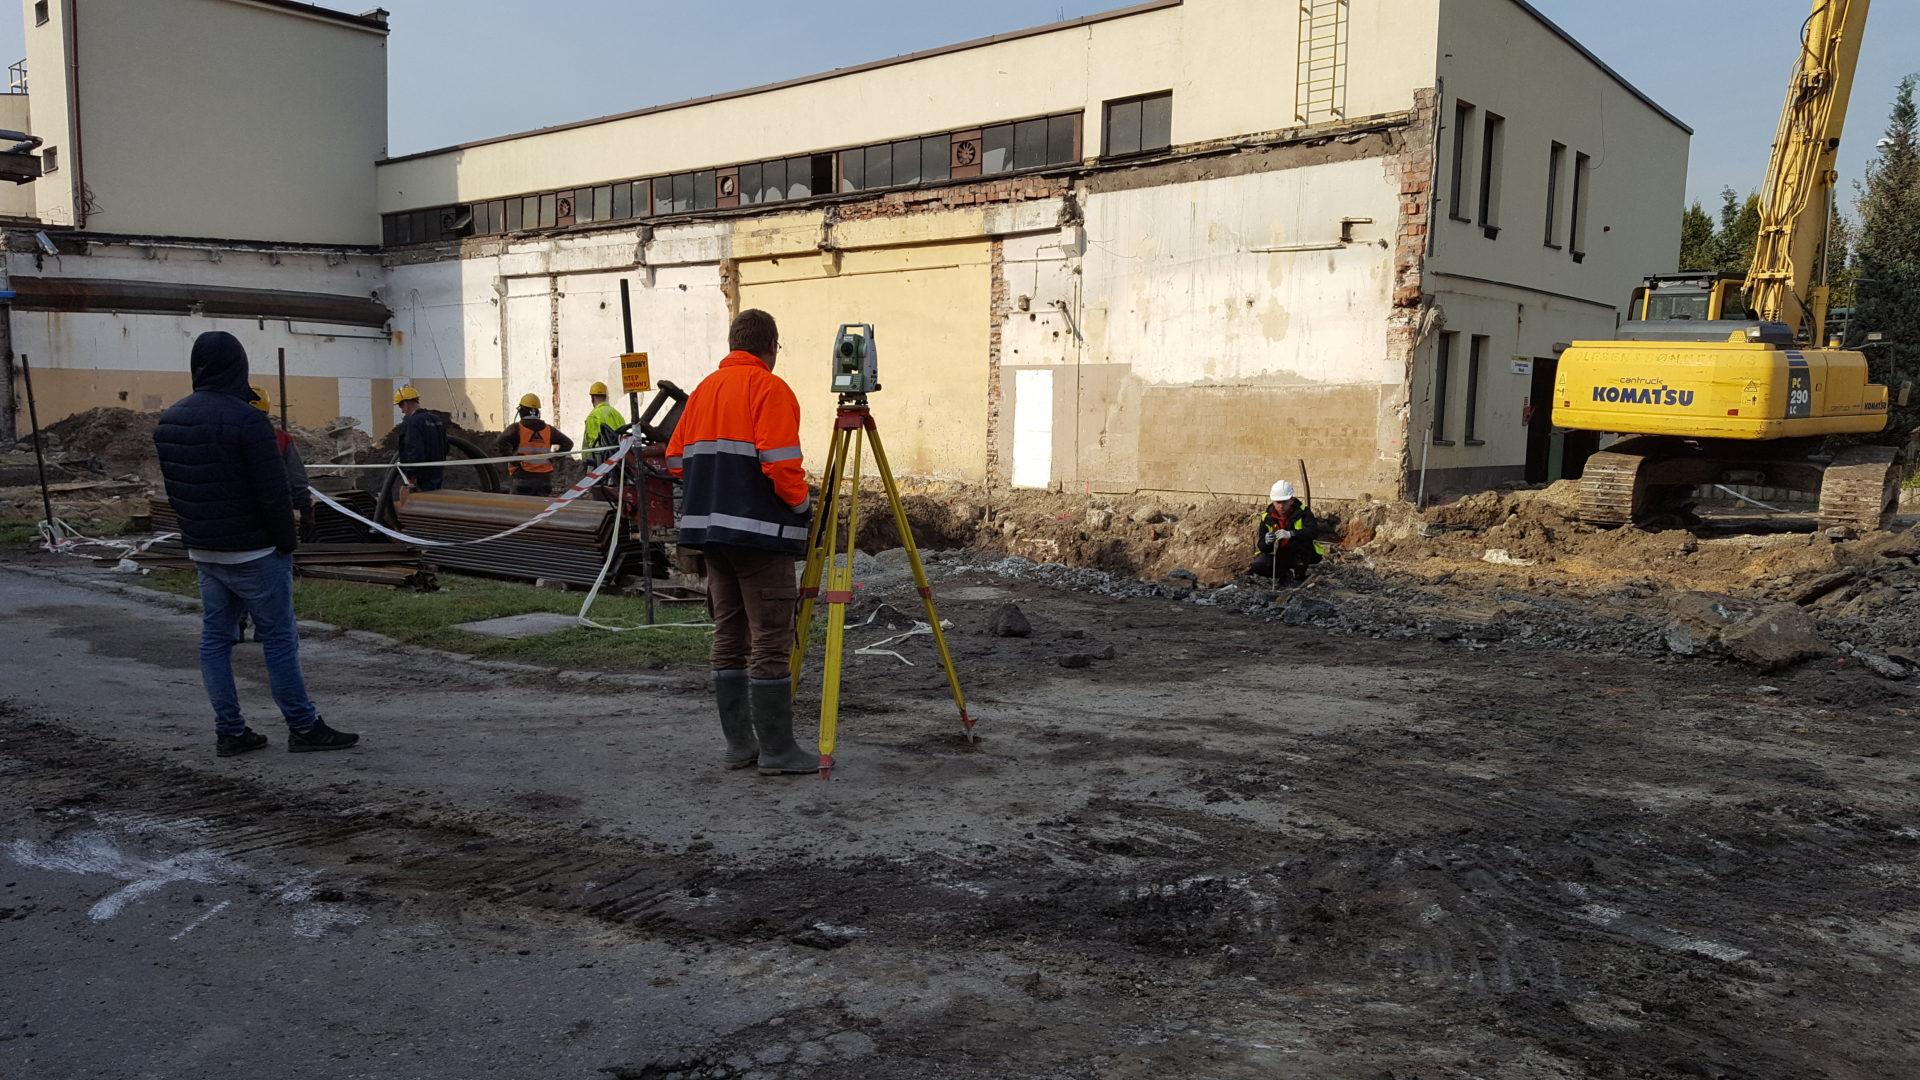 Precyzyjne pomiary wychyleń i osiadań obiektów budowlanych